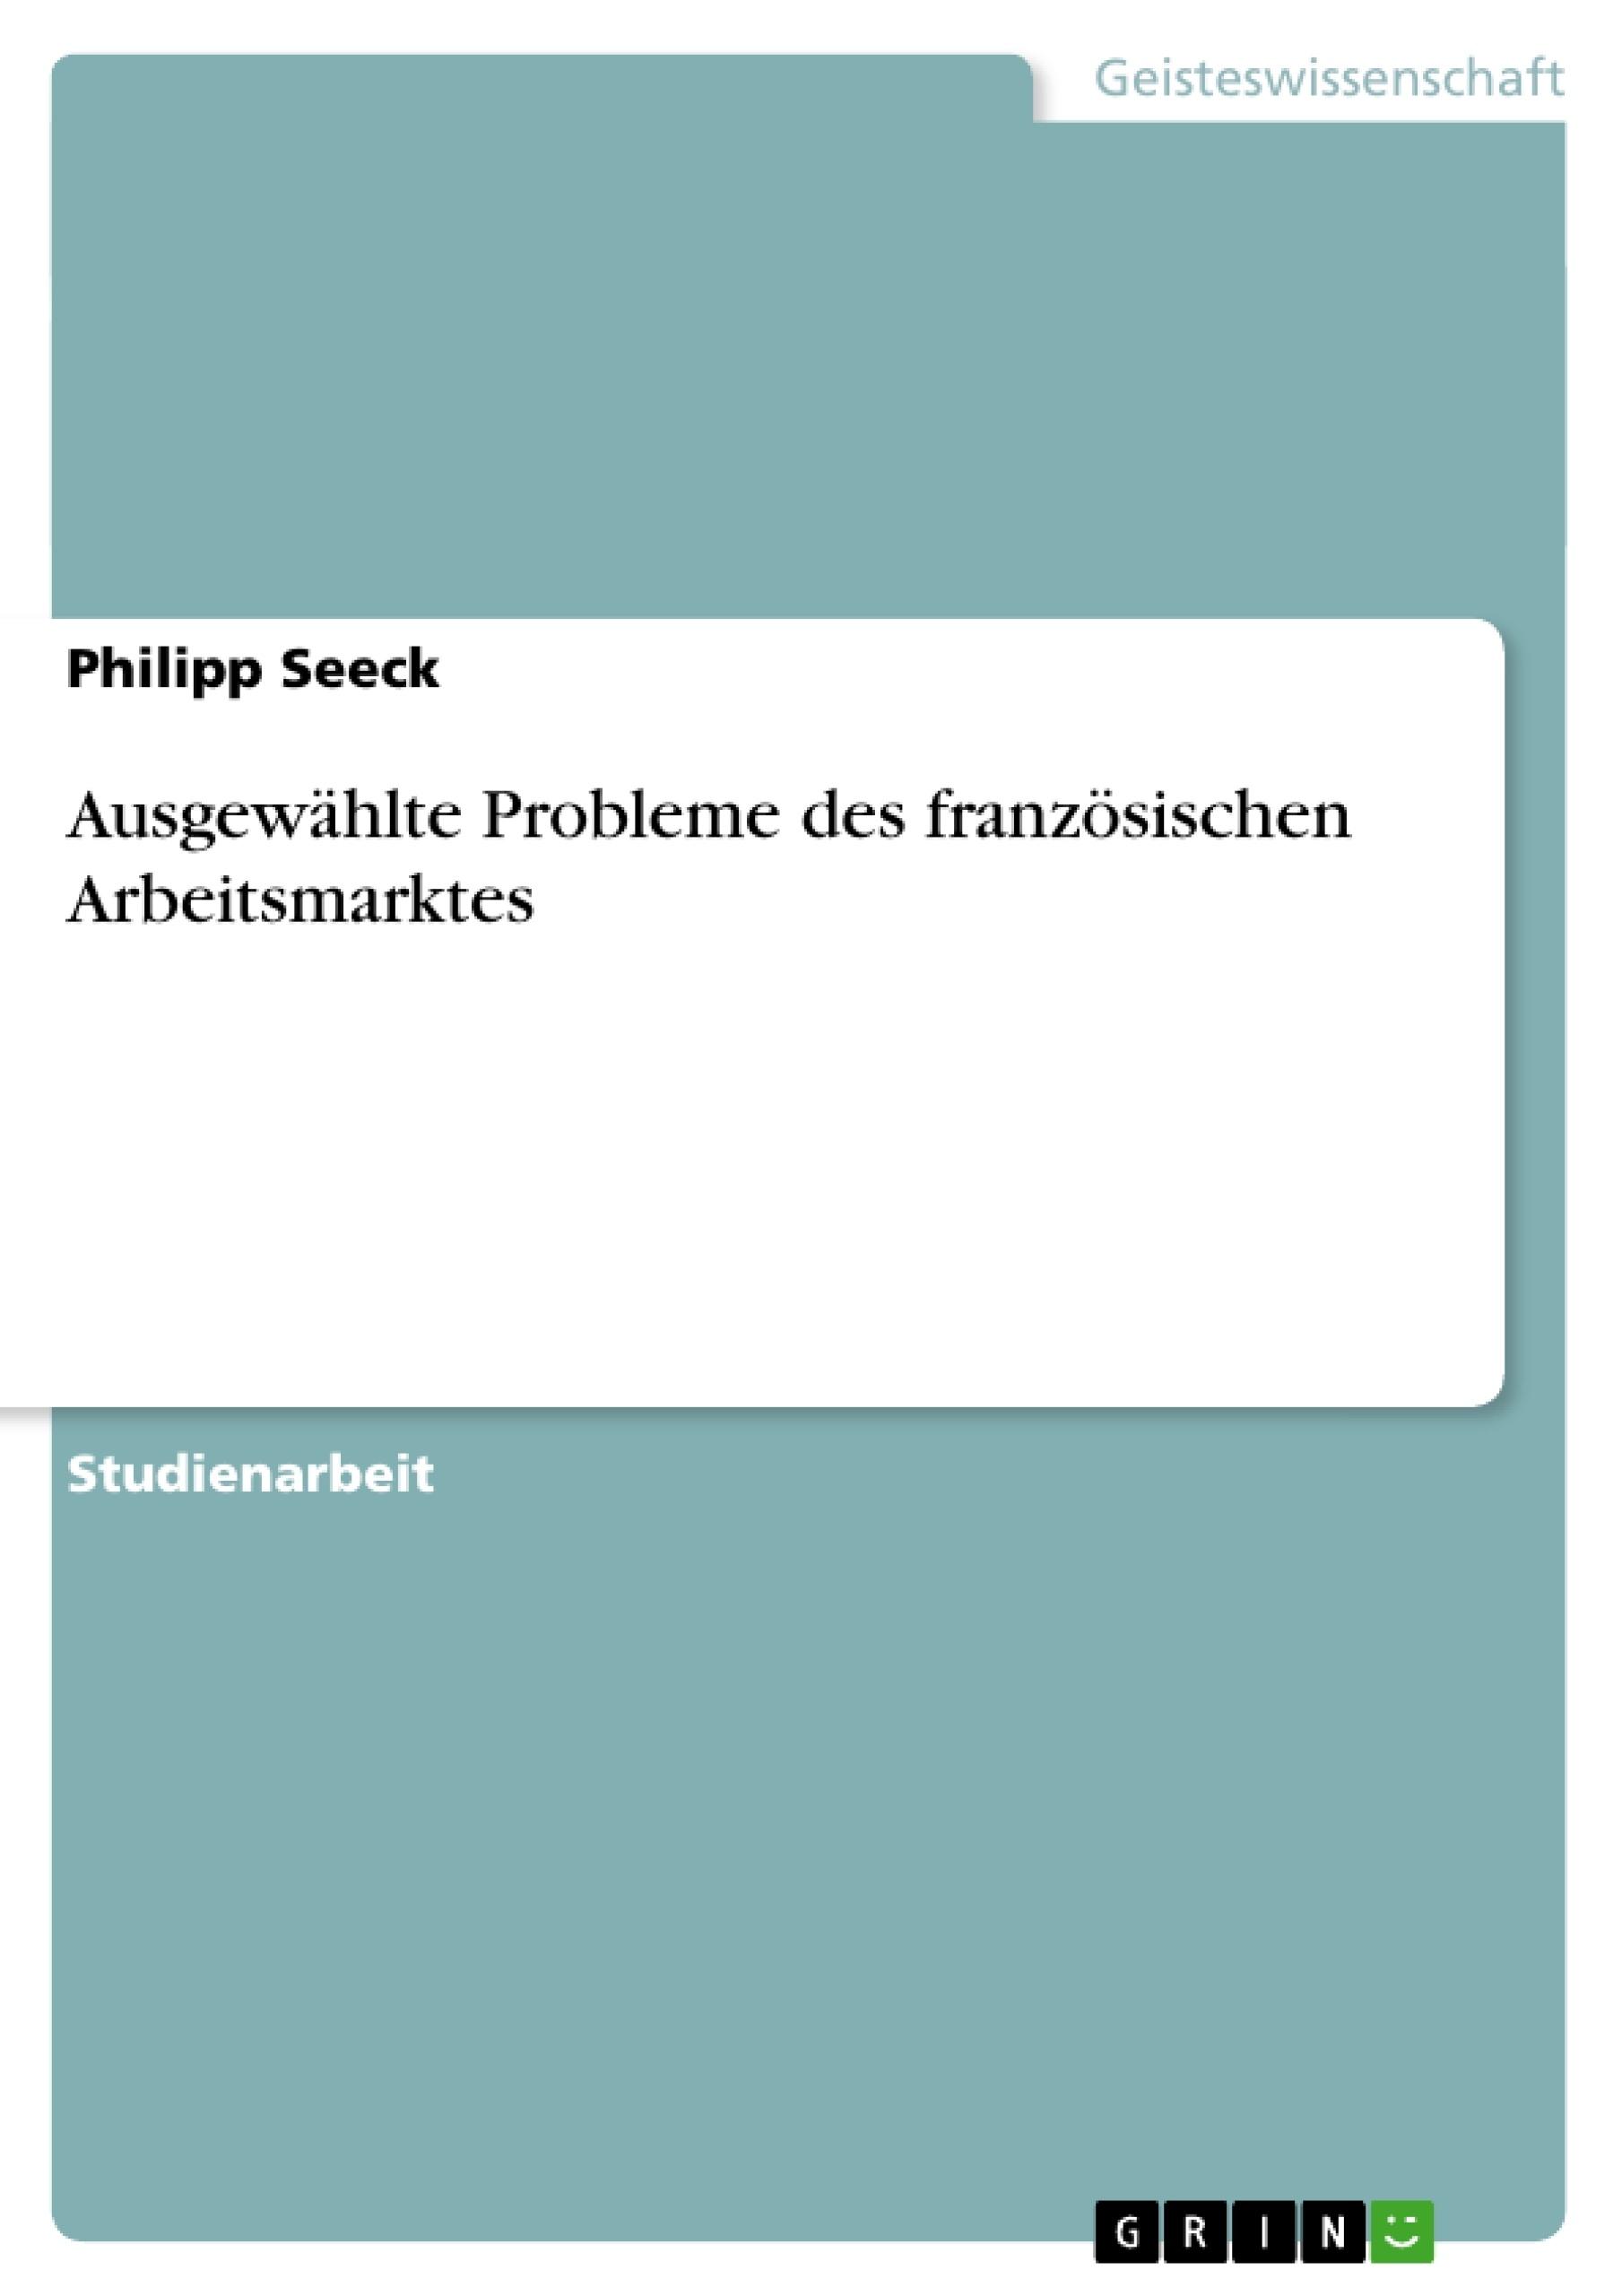 Titel: Ausgewählte Probleme des französischen Arbeitsmarktes